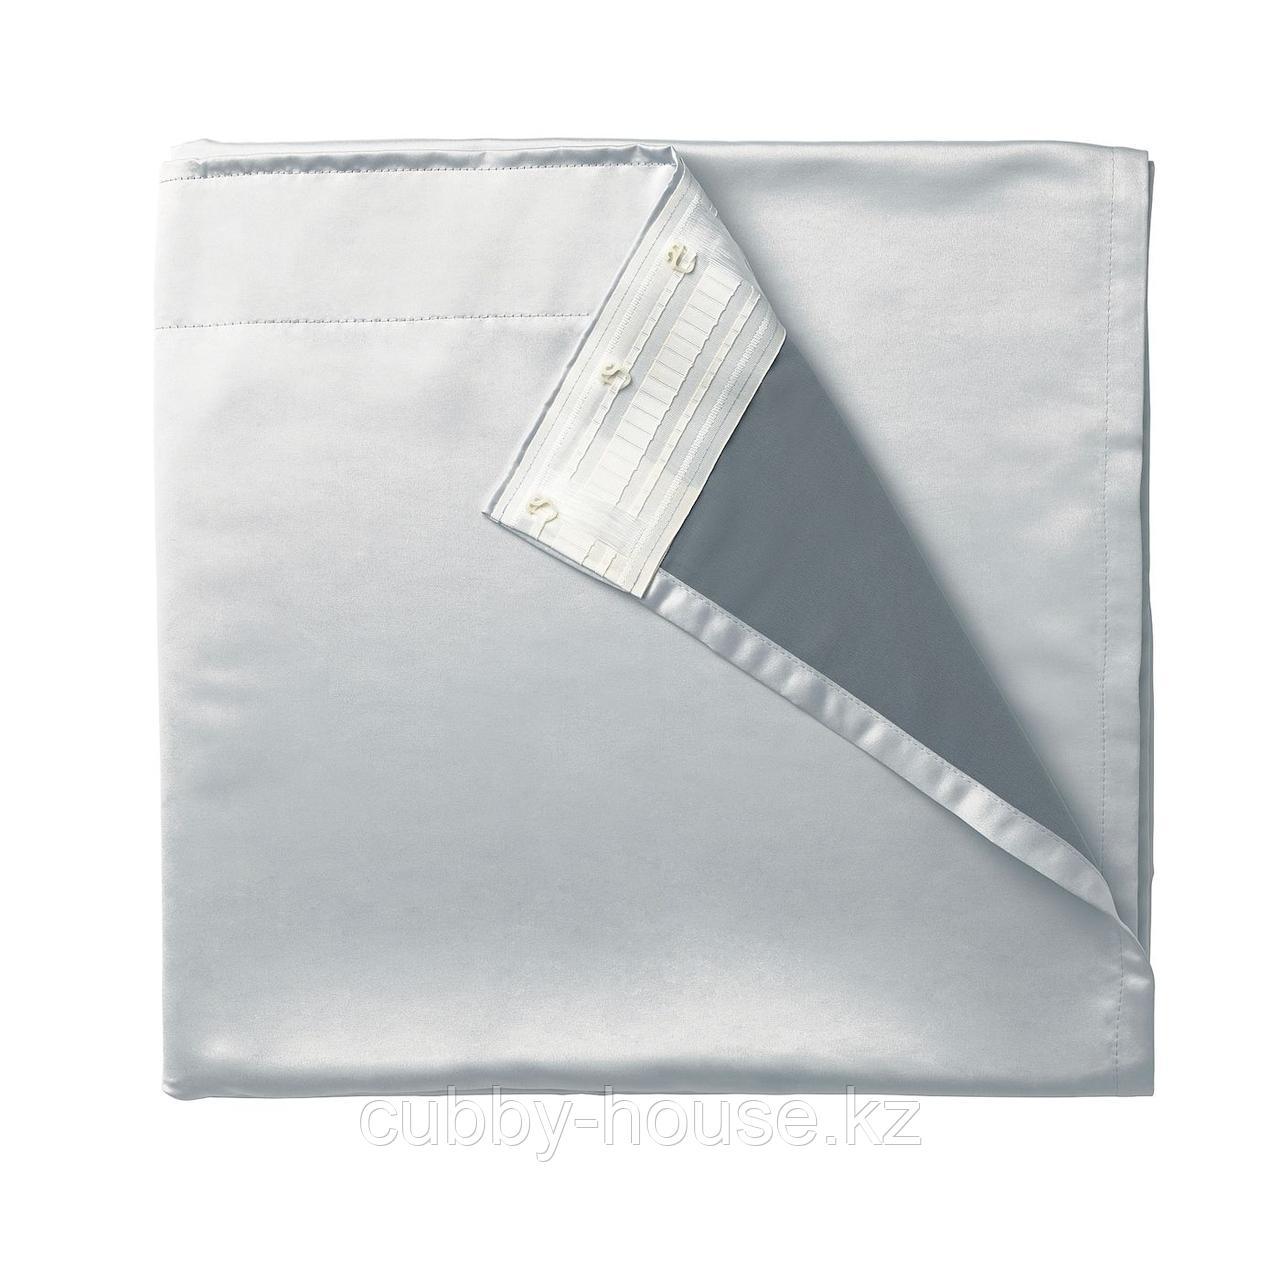 ГЛАНСНЭВА Подкладка д/пары гардин, светло-серый, 143x290 см